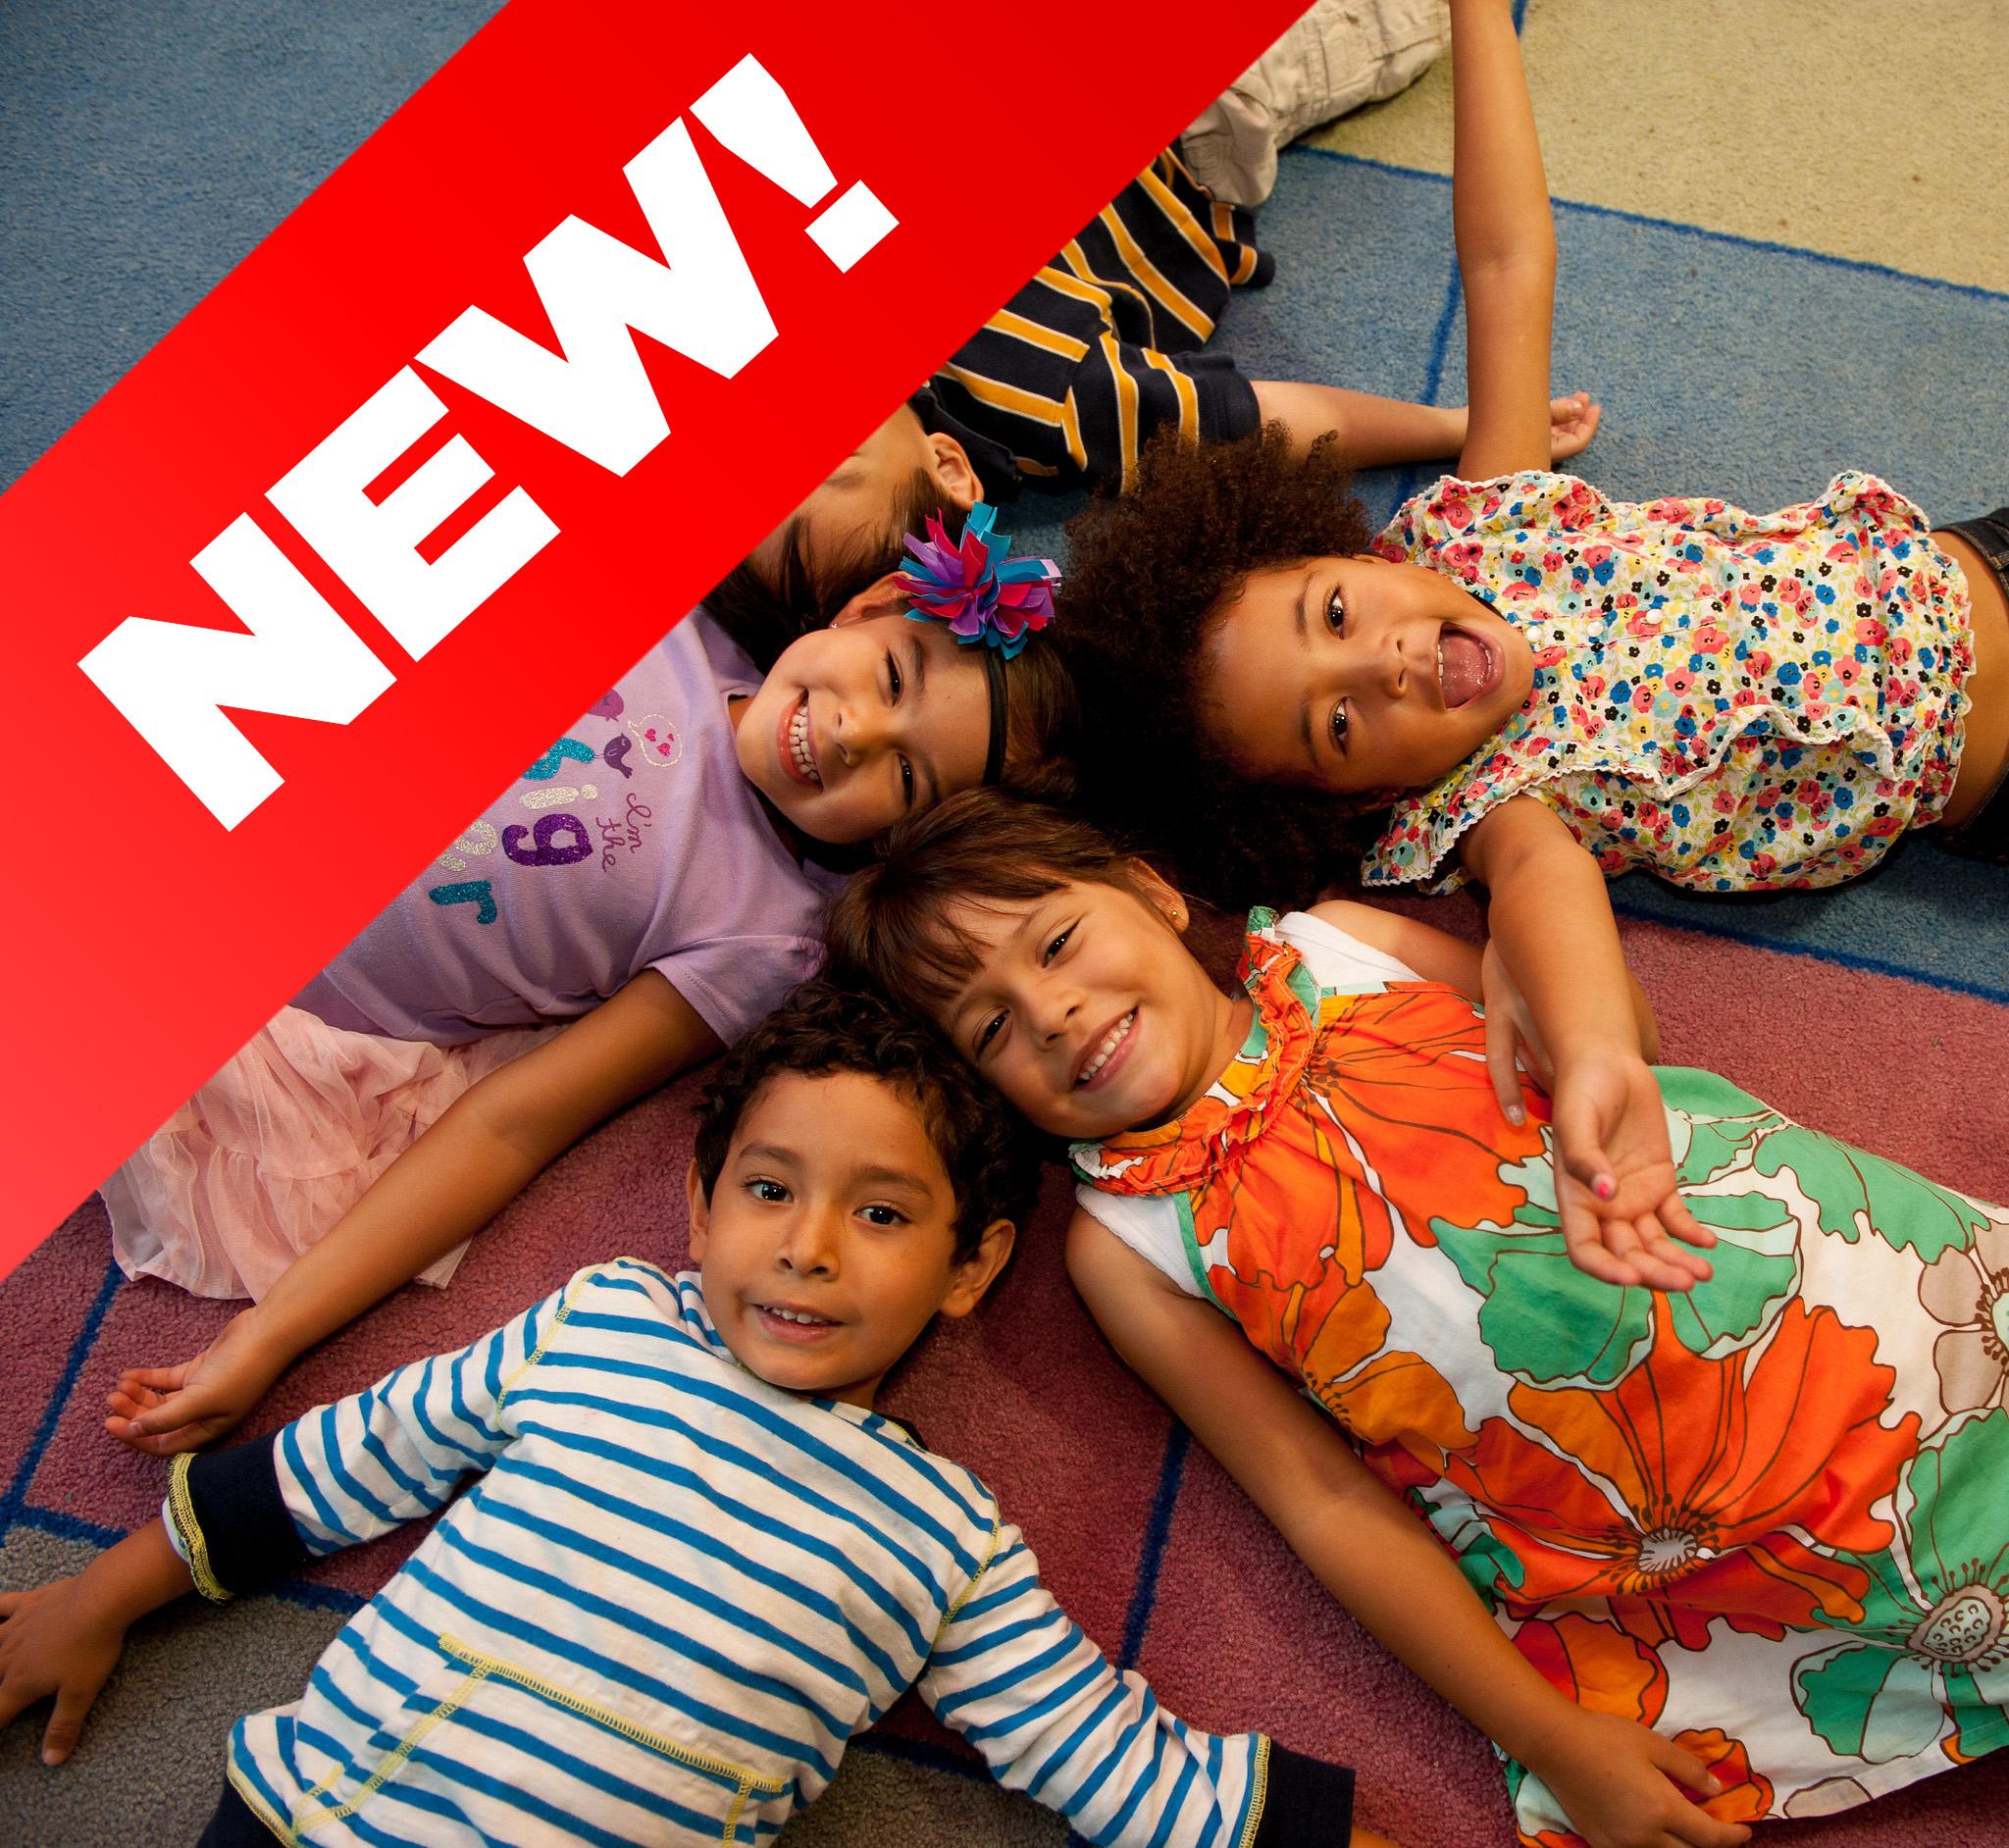 Lộ trình tiến bộ: Các chỉ số về sức khỏe trẻ nhỏ ở Hạt Los Angeles